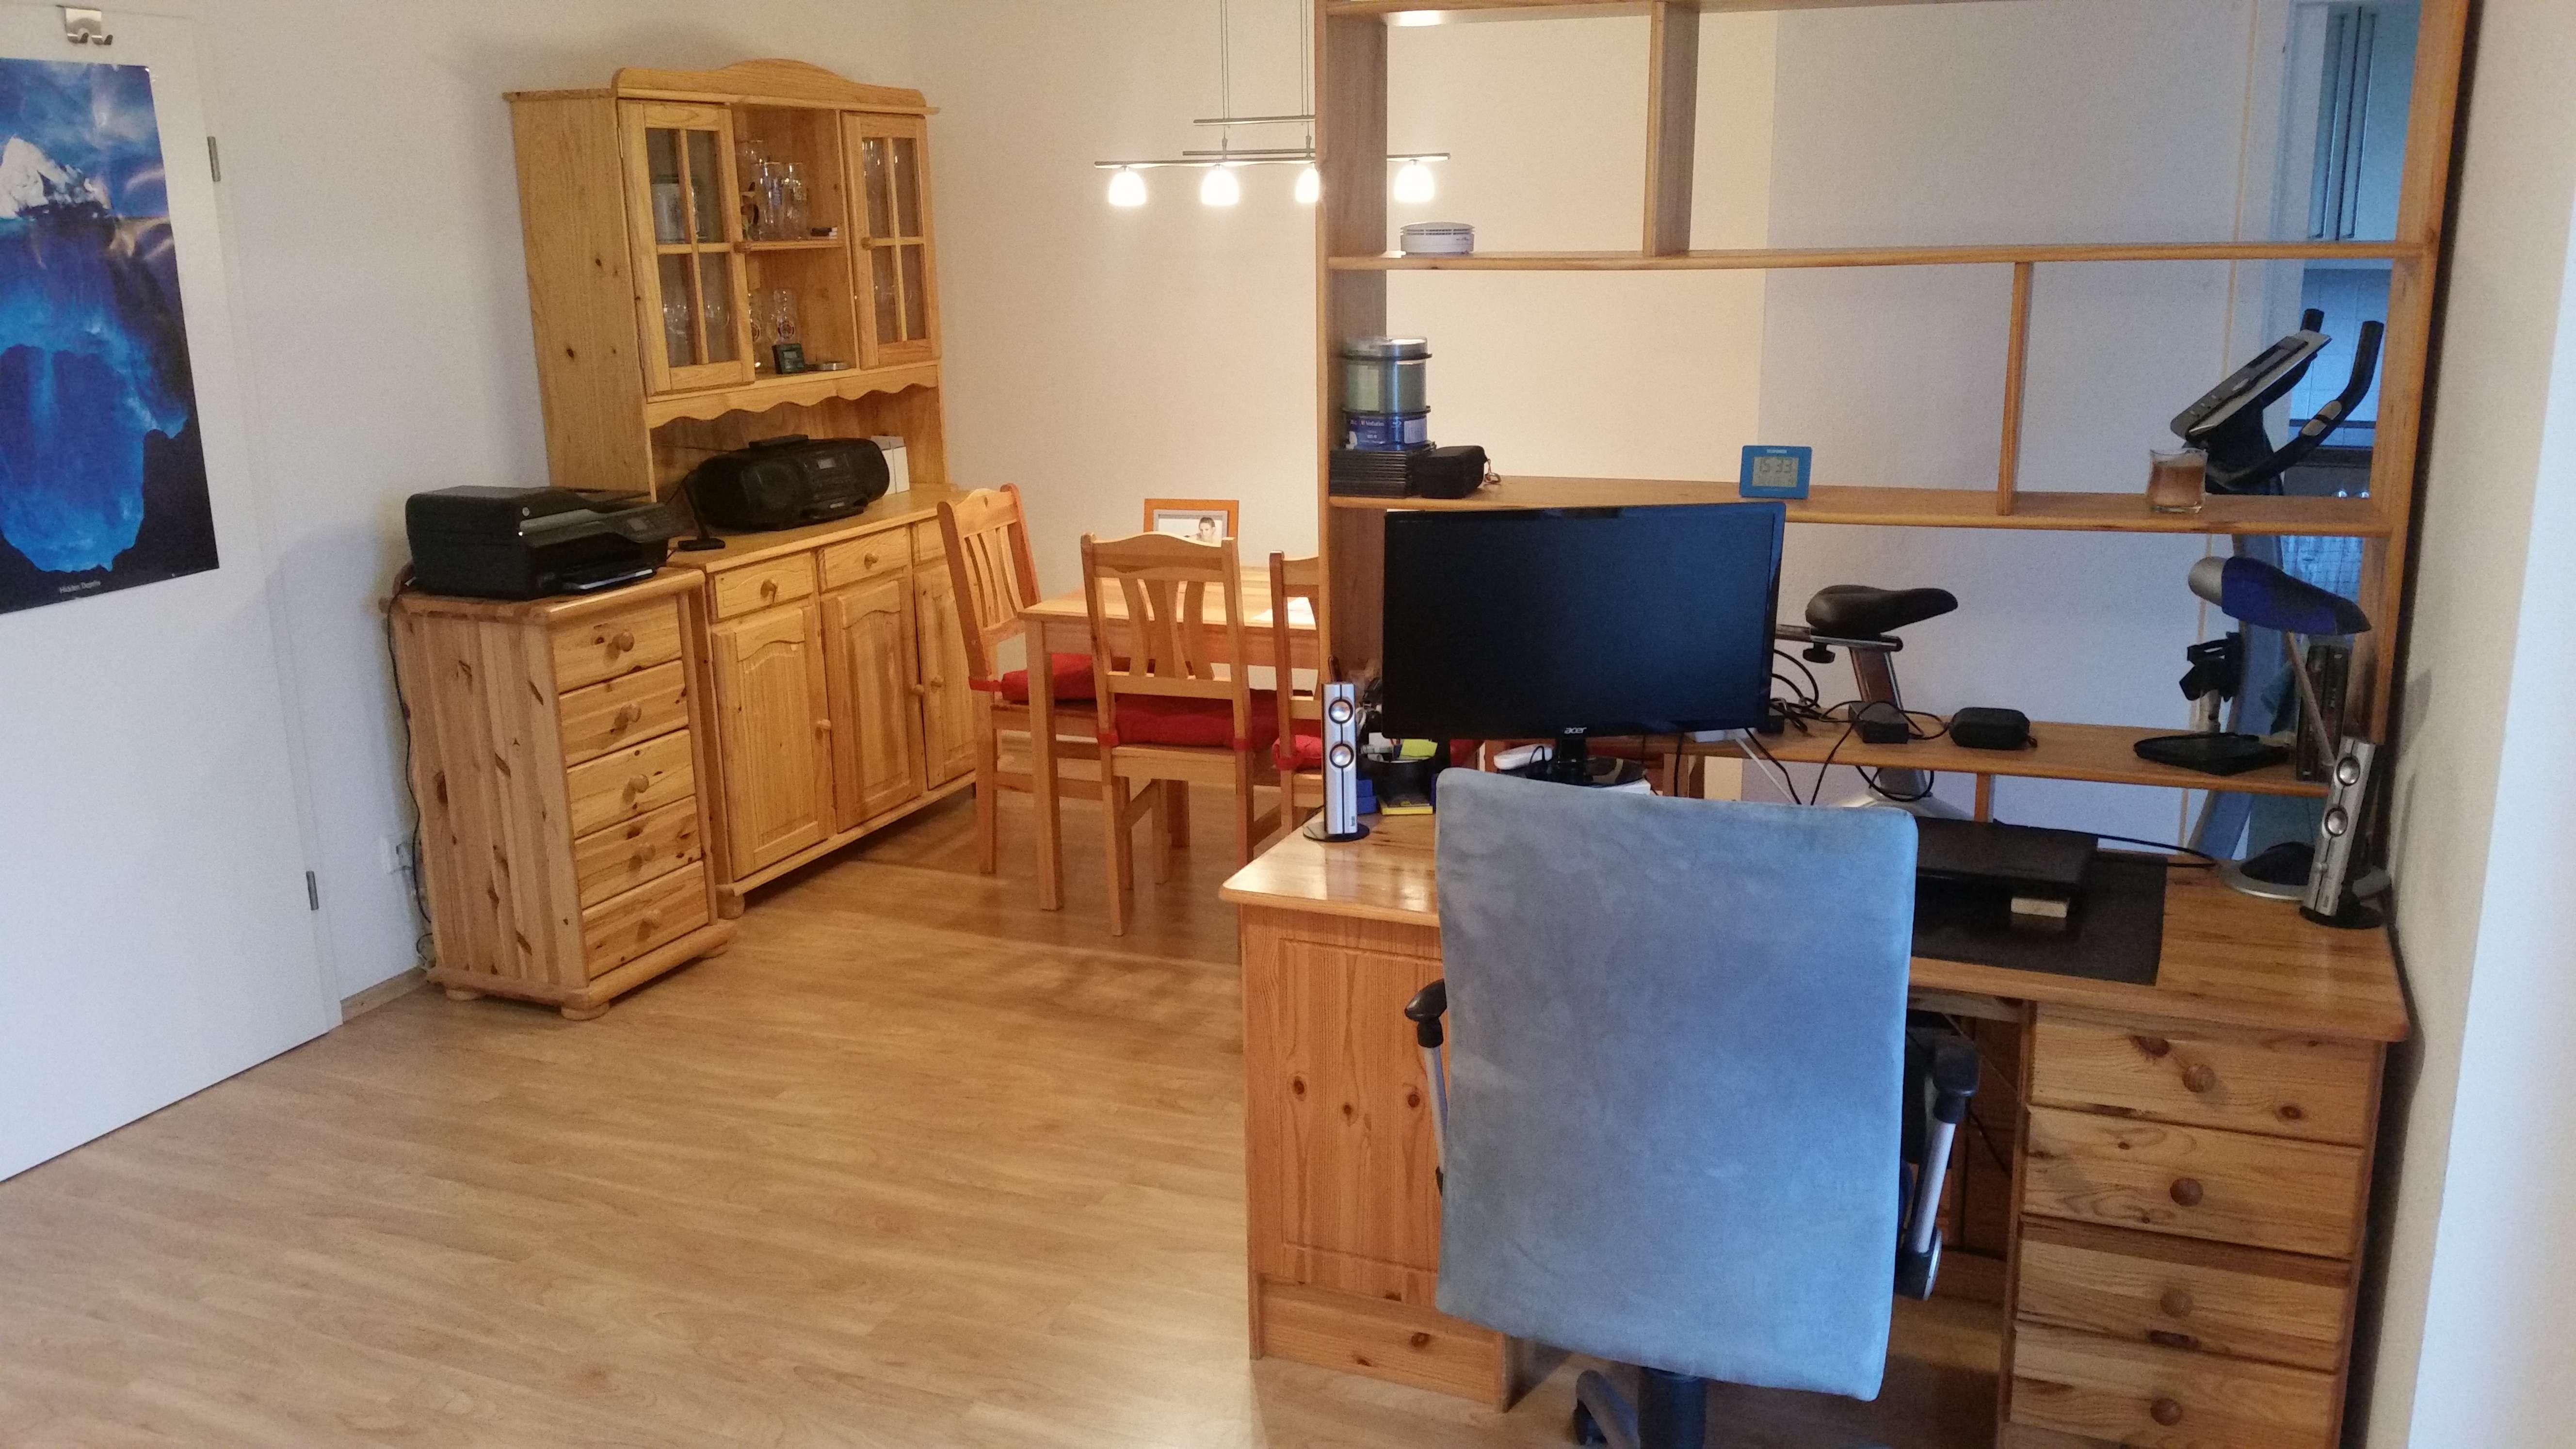 Möblierte 2-Zimmer-Wohnung mit großem Balkon. Nähe S-8 (Flughafen) in Ismaning